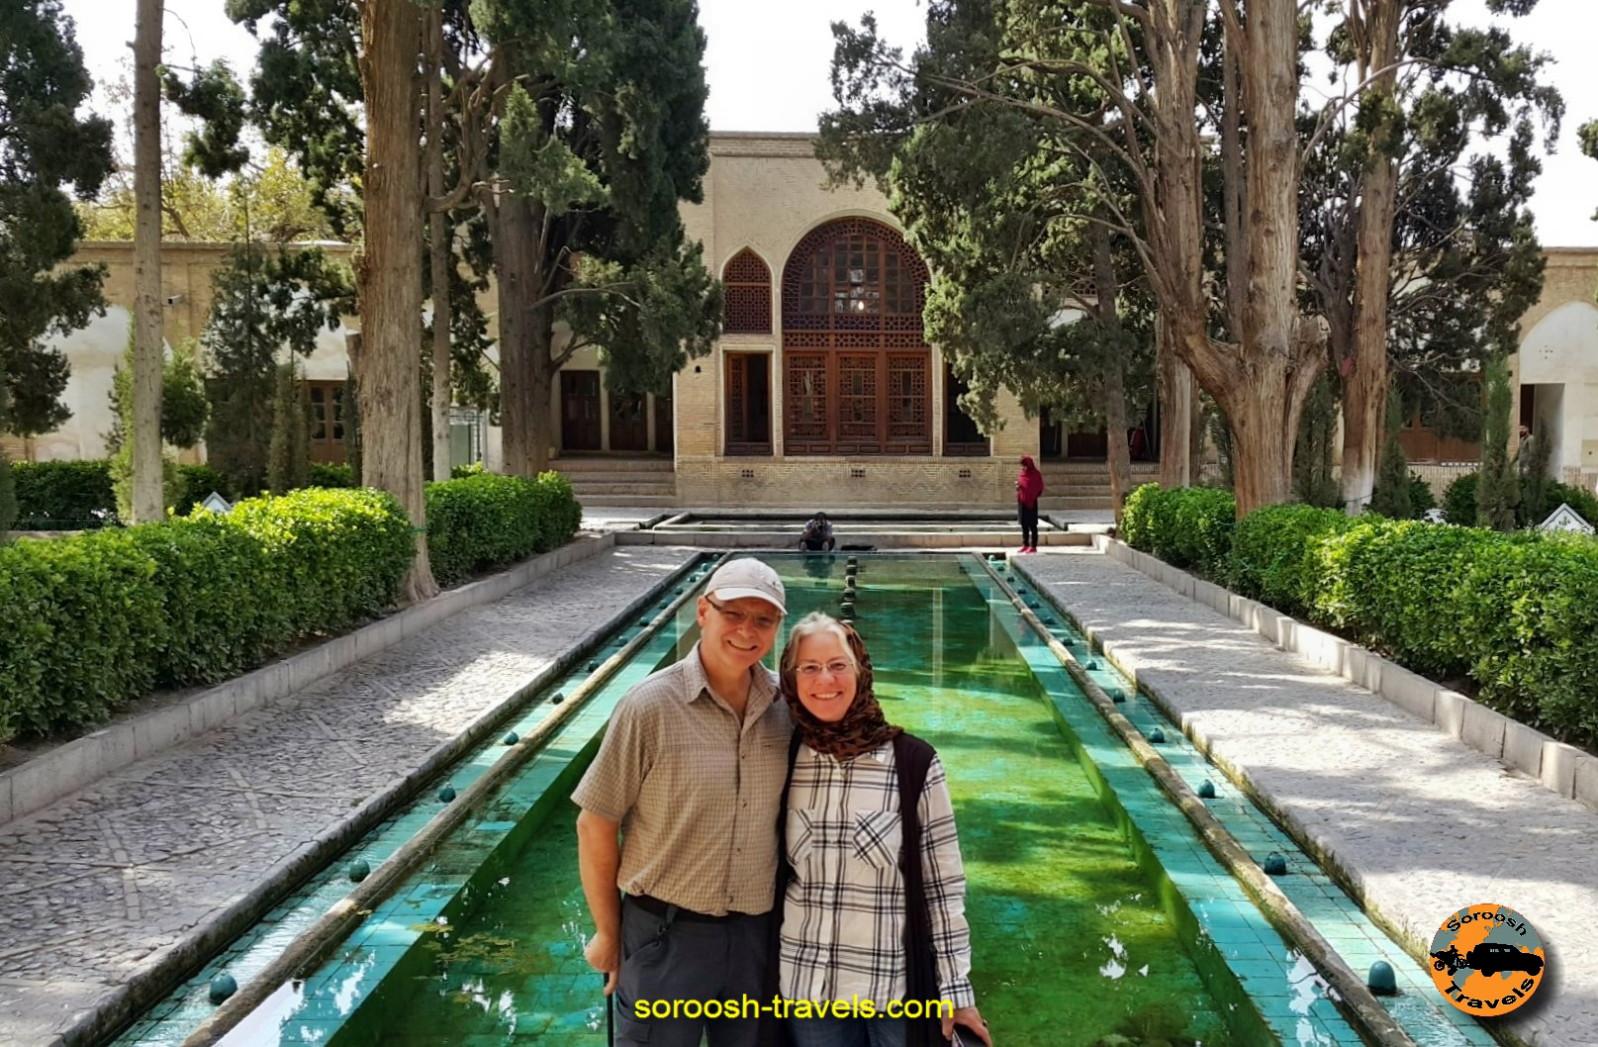 خانه های تاریخی کاشان – کویر مرنجاب – مهرماه 1395